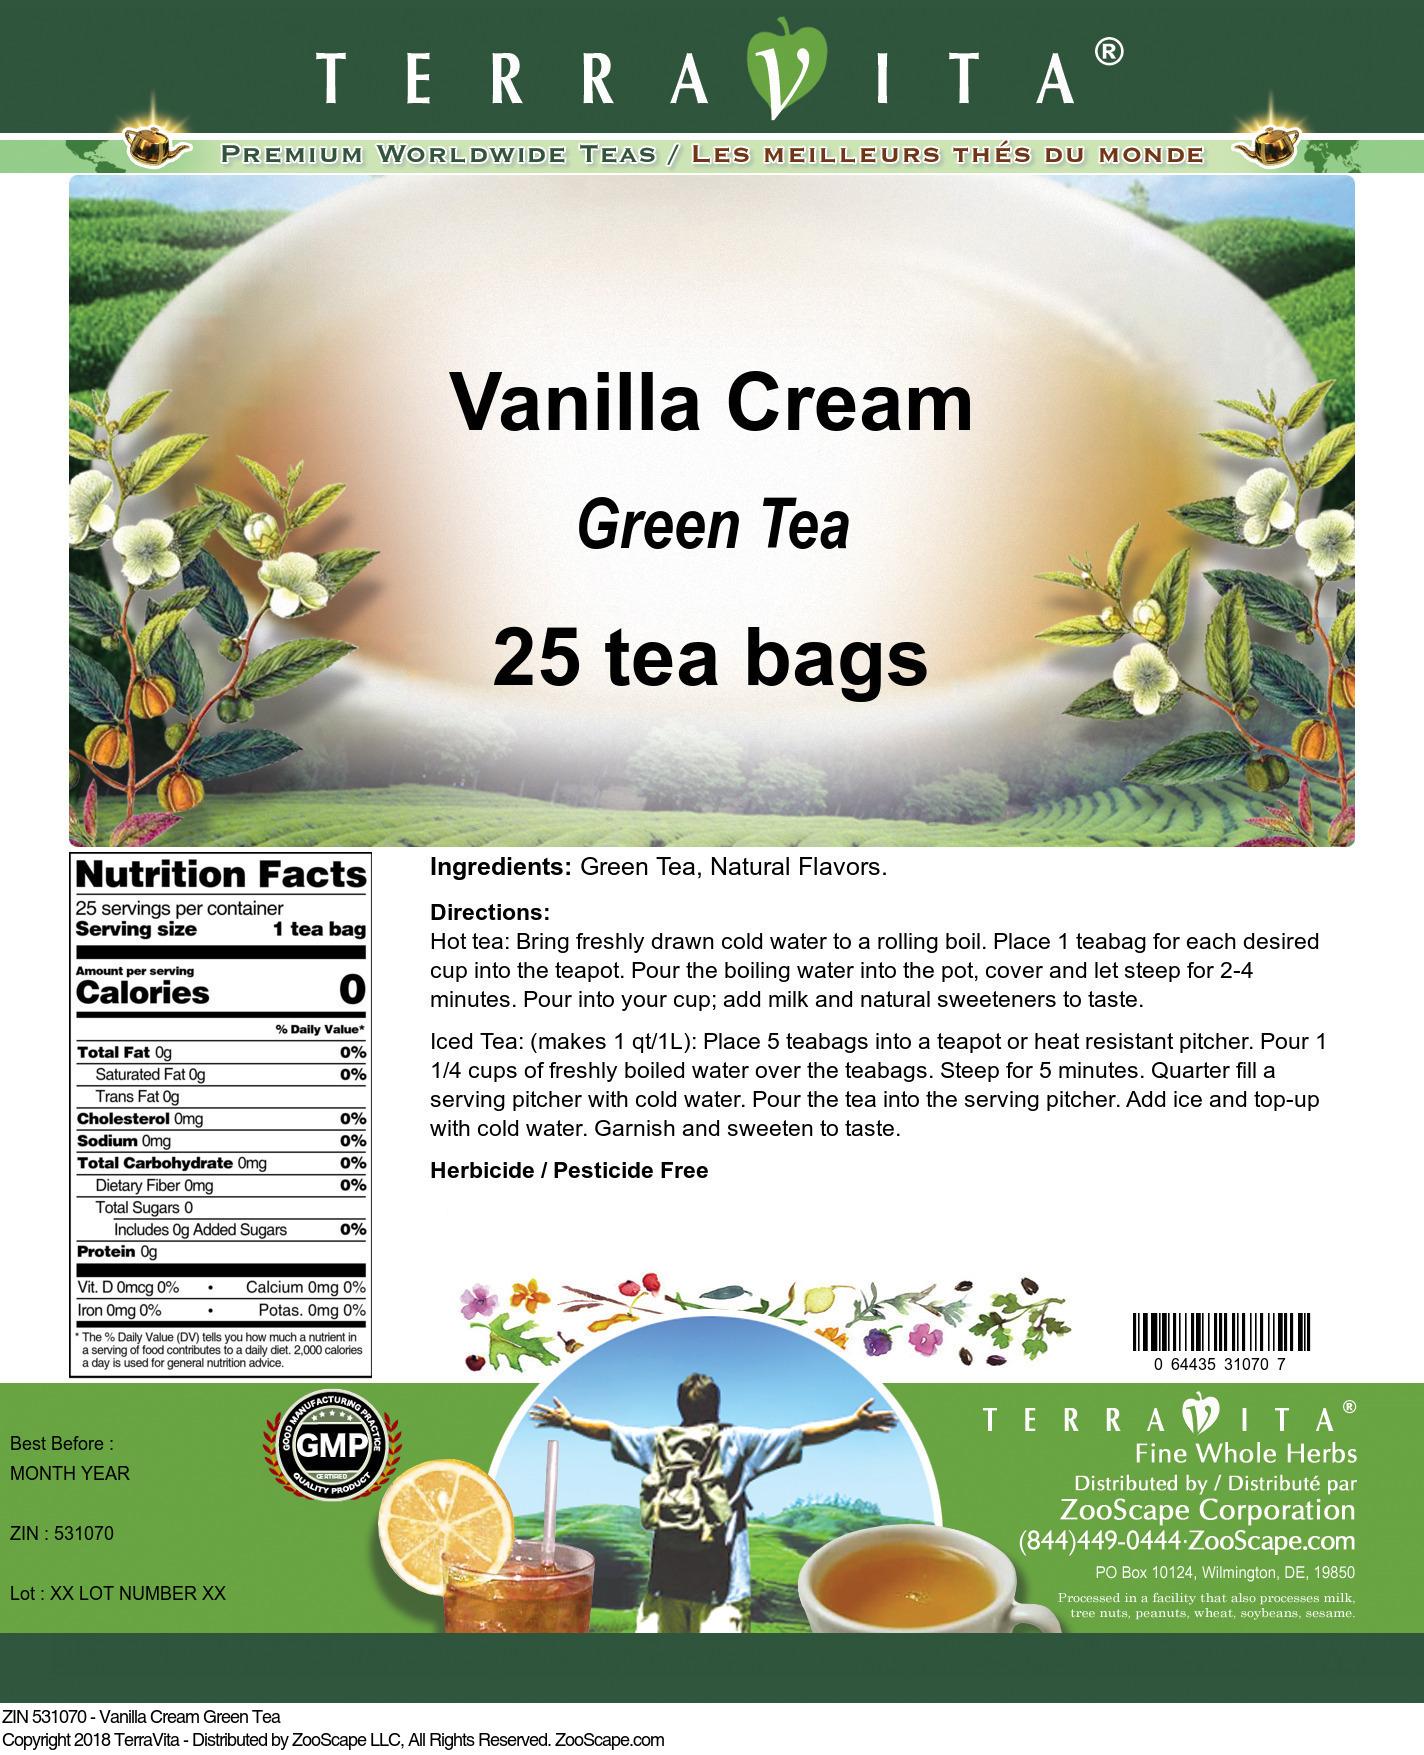 Vanilla Cream Green Tea